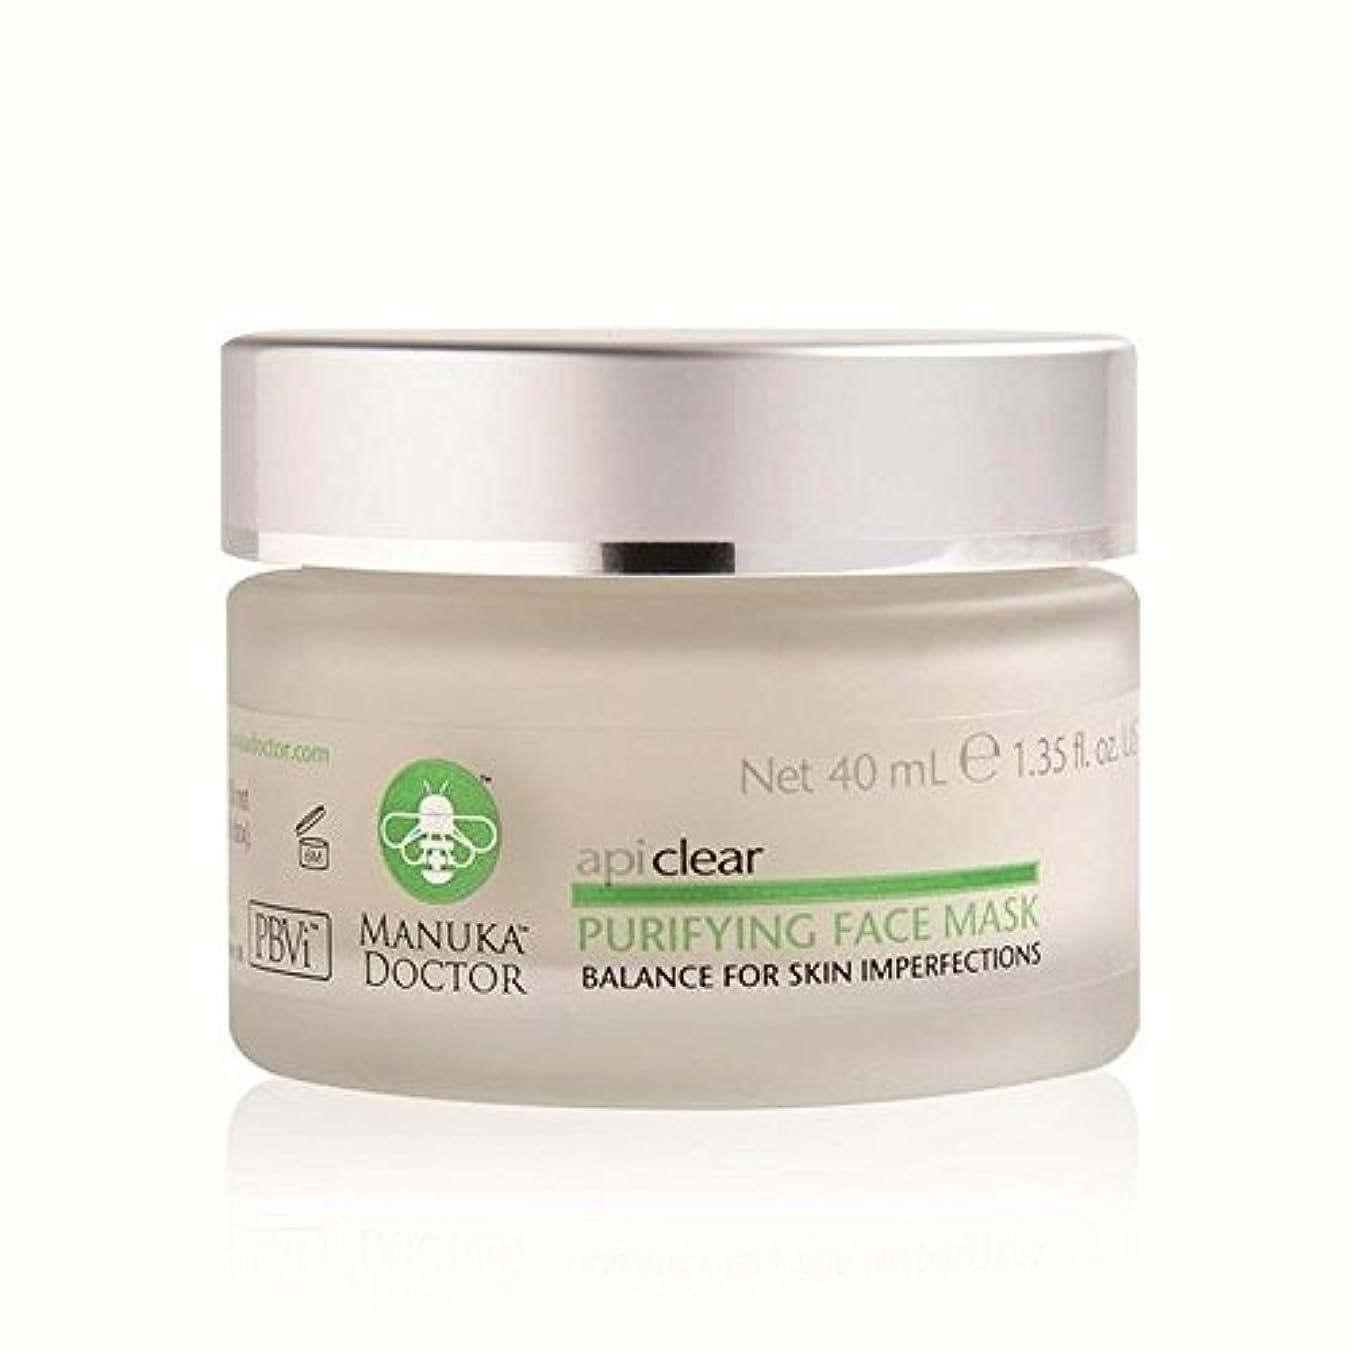 高尚な窒息させるスパイManuka Doctor Api Clear Purifying Face Mask 40ml (Pack of 6) - マヌカドクター明確な浄化フェイスマスク40ミリリットル x6 [並行輸入品]